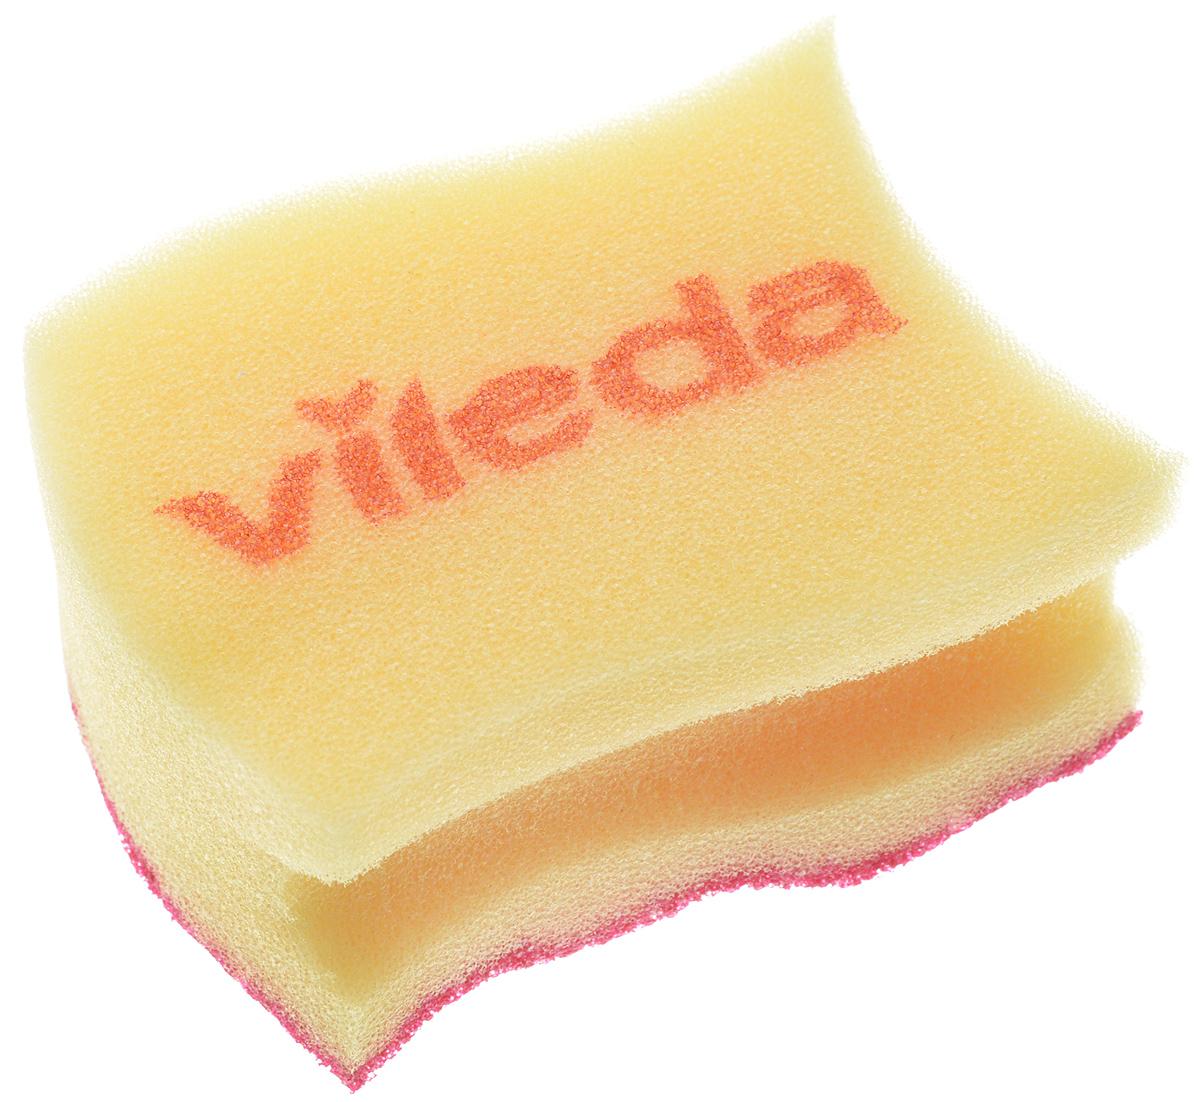 Губка для мытья посуды Vileda Pure Colors, цвет: желтый, бордовый, 9,5 х 6,2 х 4,7 см529037_желтый, бордовыйГубка для мытья посуды Vileda Pure Colors предназначена для очистки деликатных поверхностей. Удаляет даже трудные загрязнения, не царапая поверхность. Удобна в использовании за счет специальных пазов для пальцев. Губка с ярким дизайном станет украшением любой кухни и порадует хозяйку. Размер губки: 9,5 х 6,2 х 4,7 см.